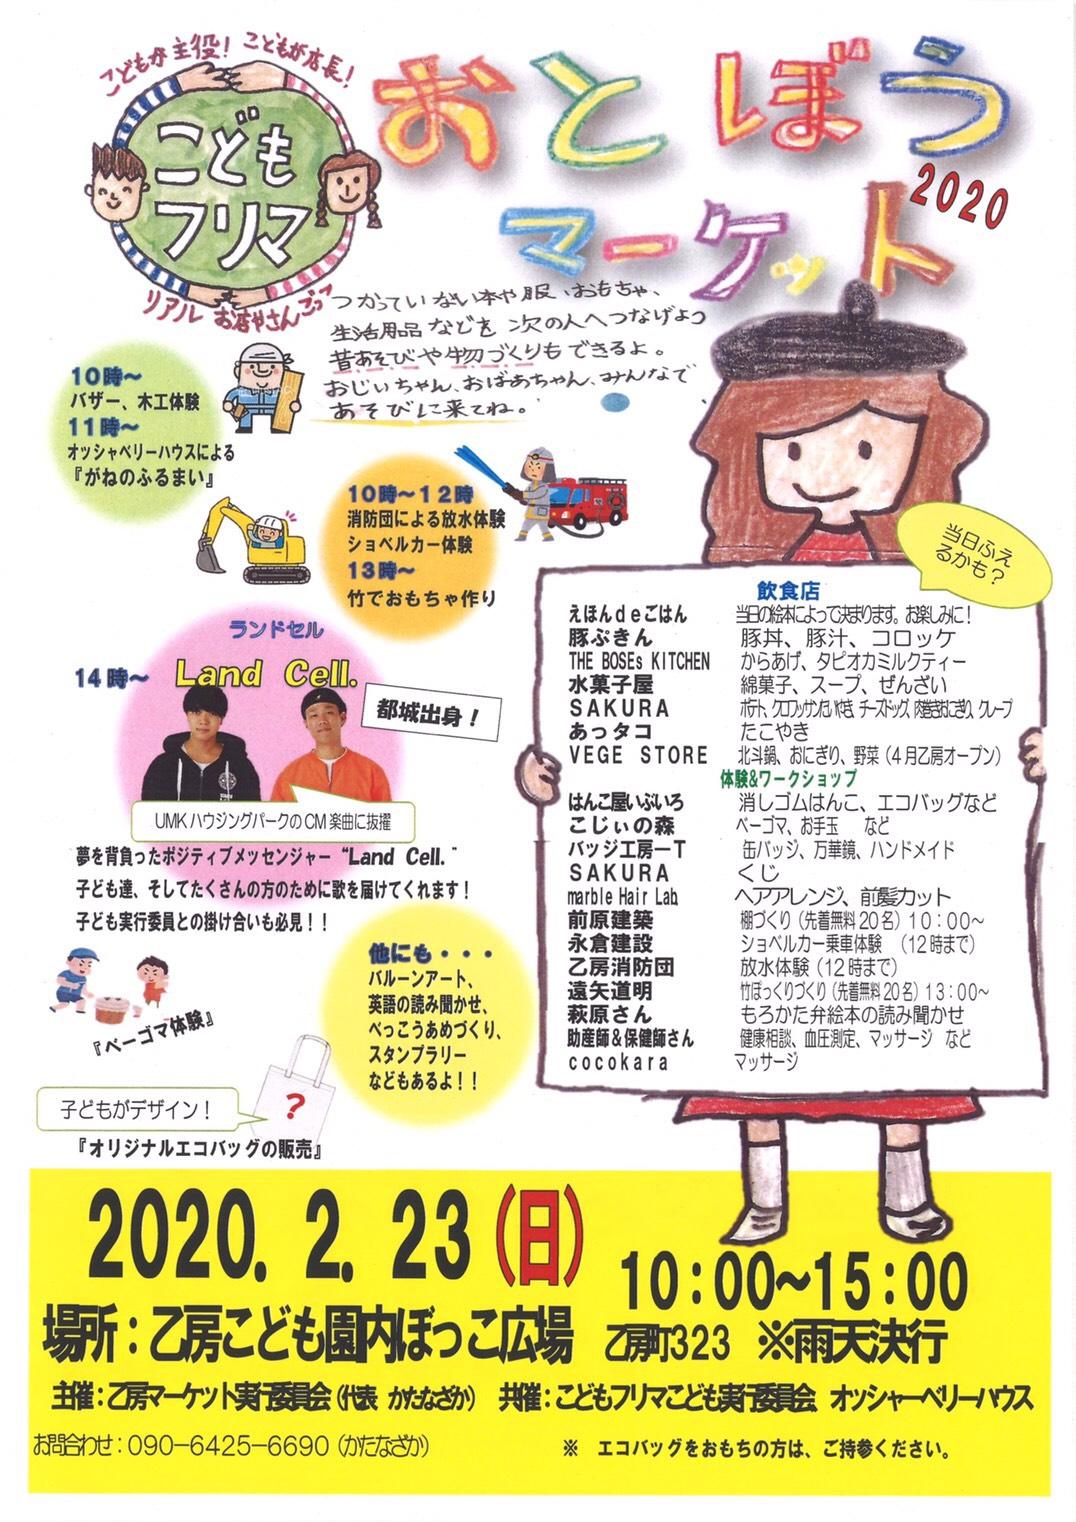 おとぼうマーケット2020【pickup】